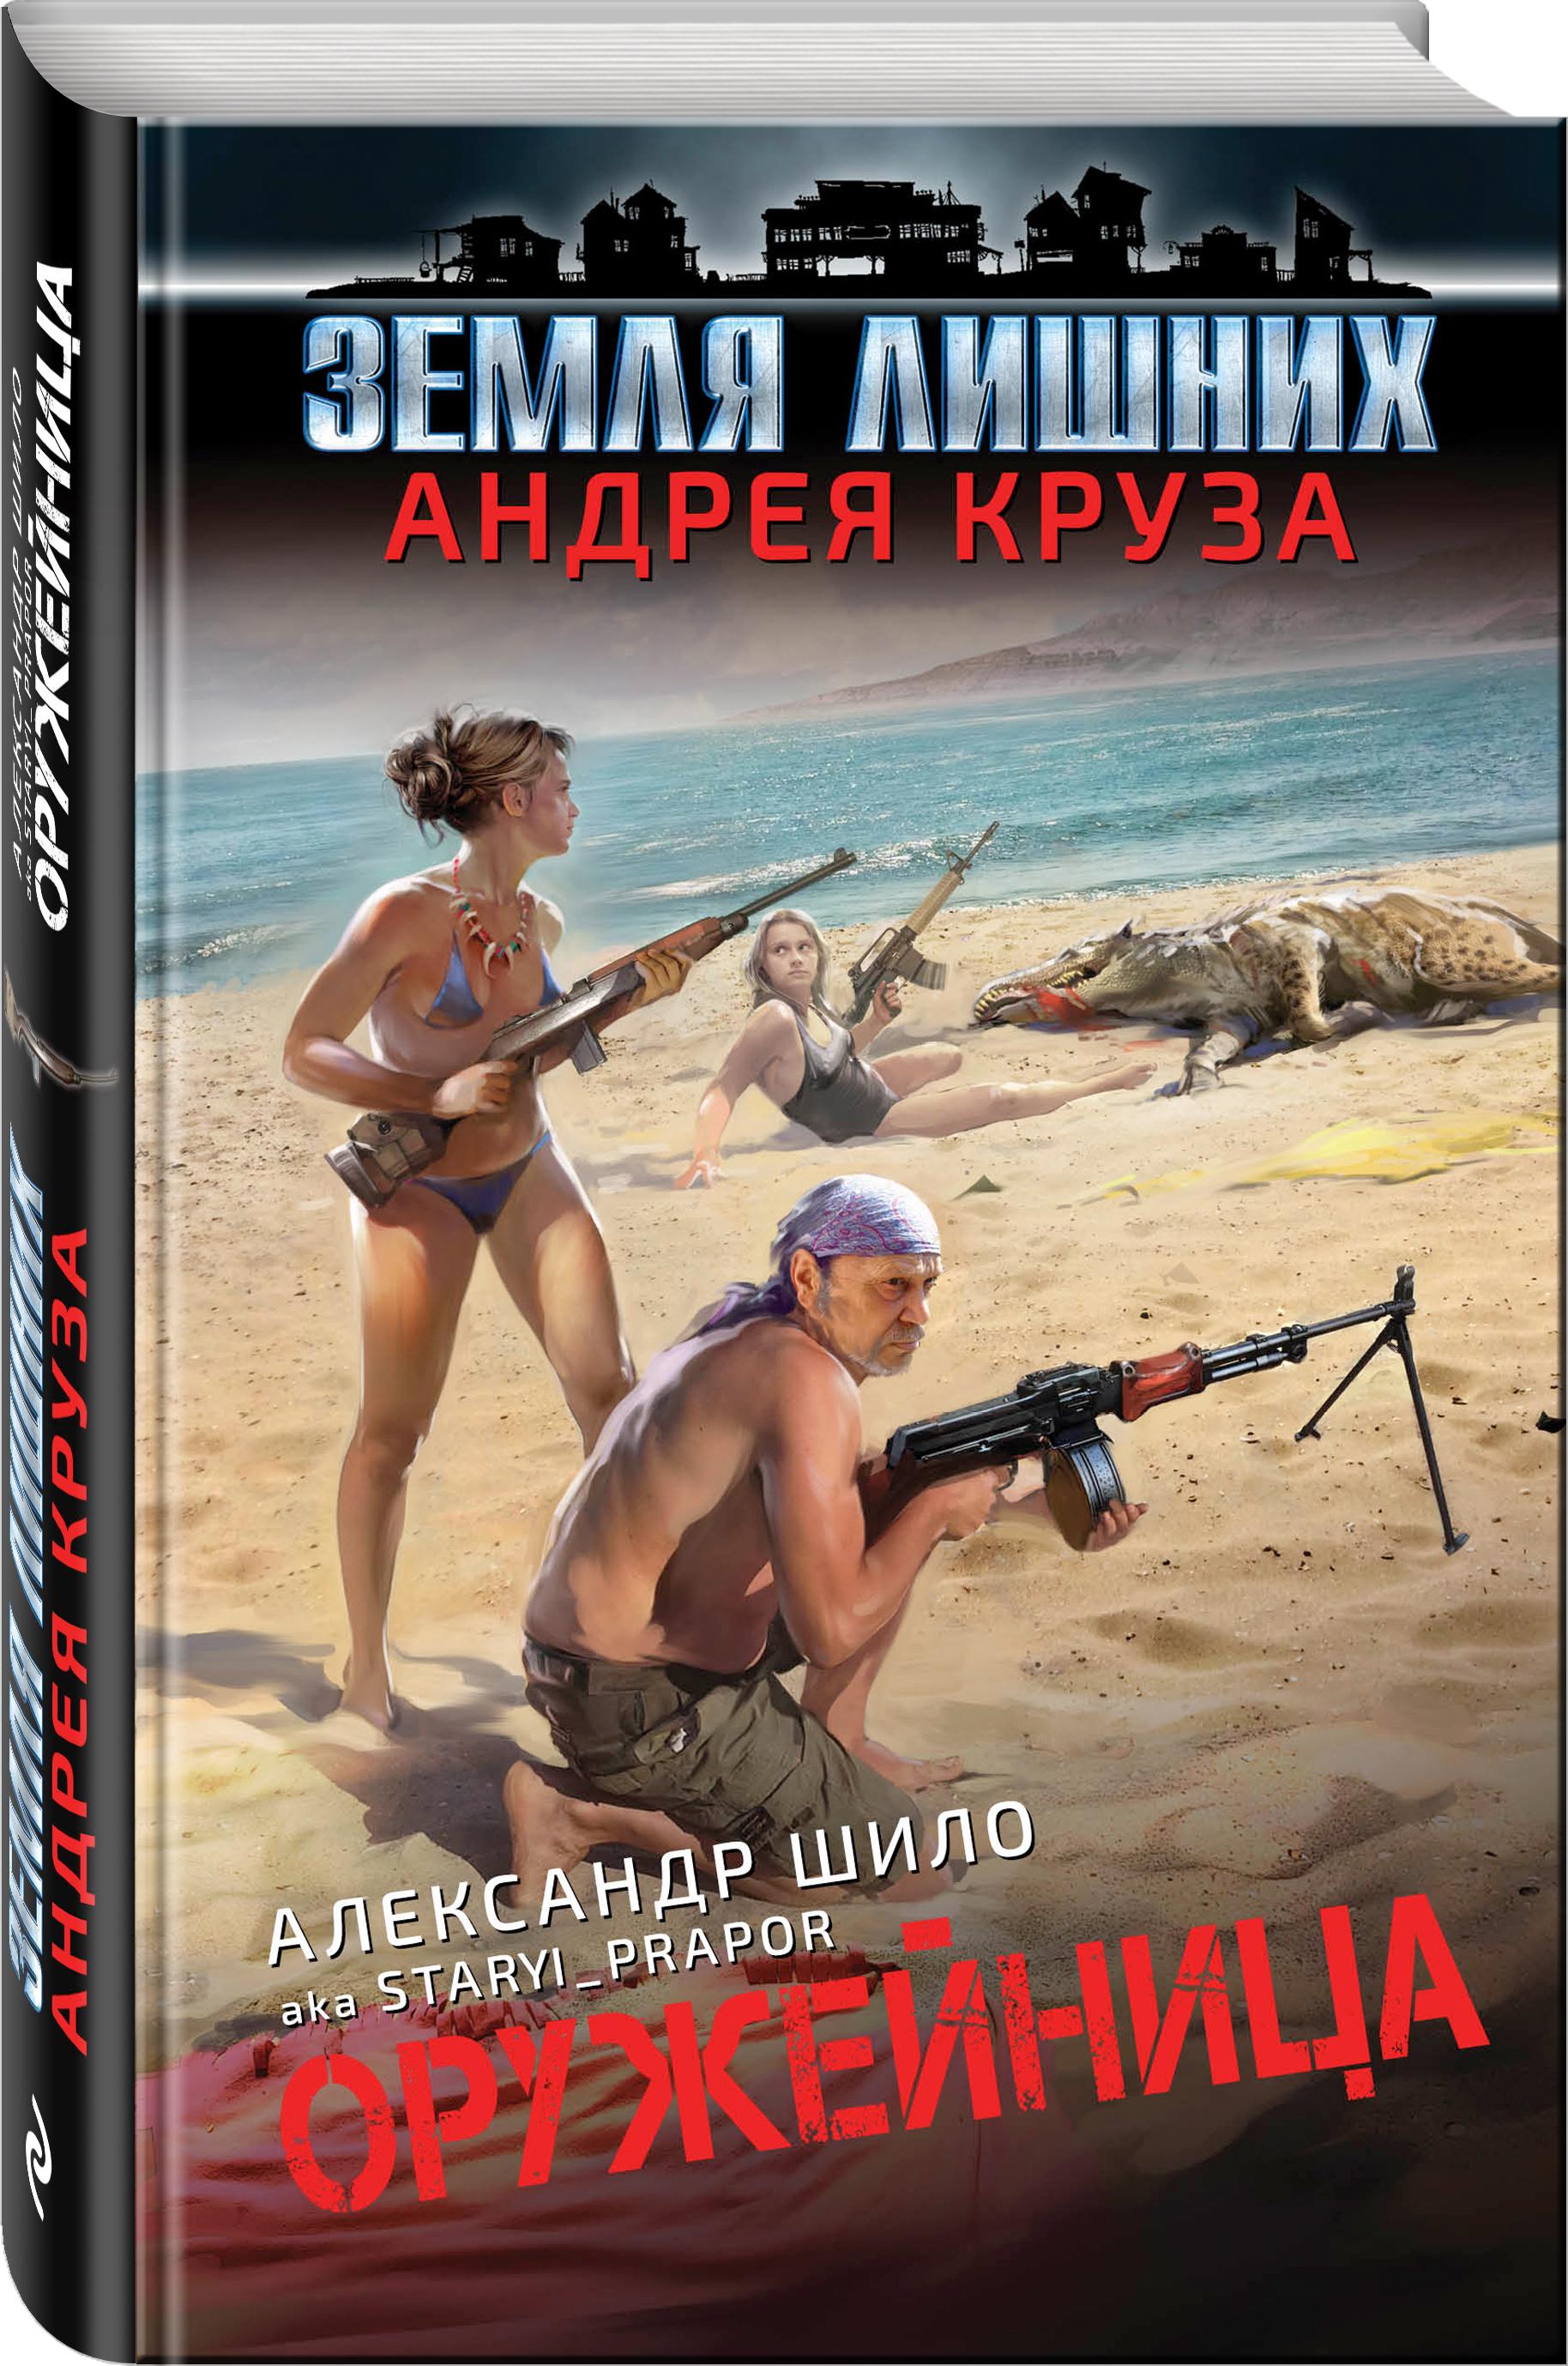 Александр Шило Оружейница